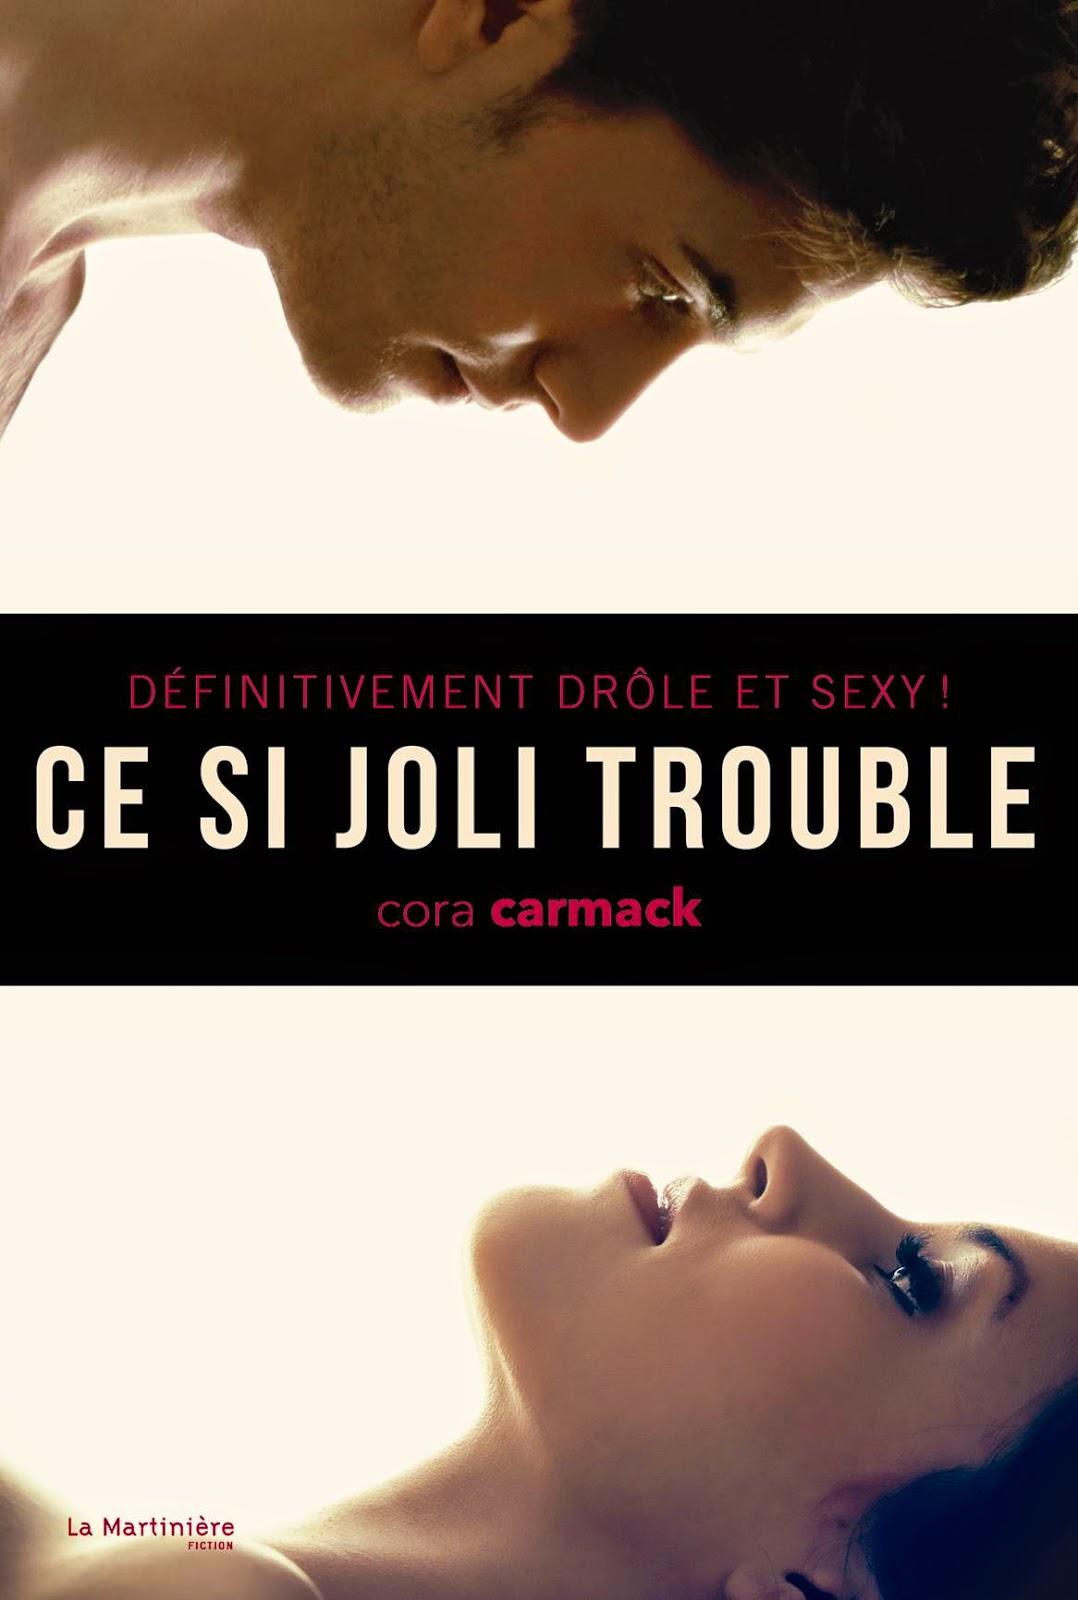 http://lachroniquedespassions.blogspot.fr/2014/04/ce-si-joli-trouble-de-cora-carmack.html